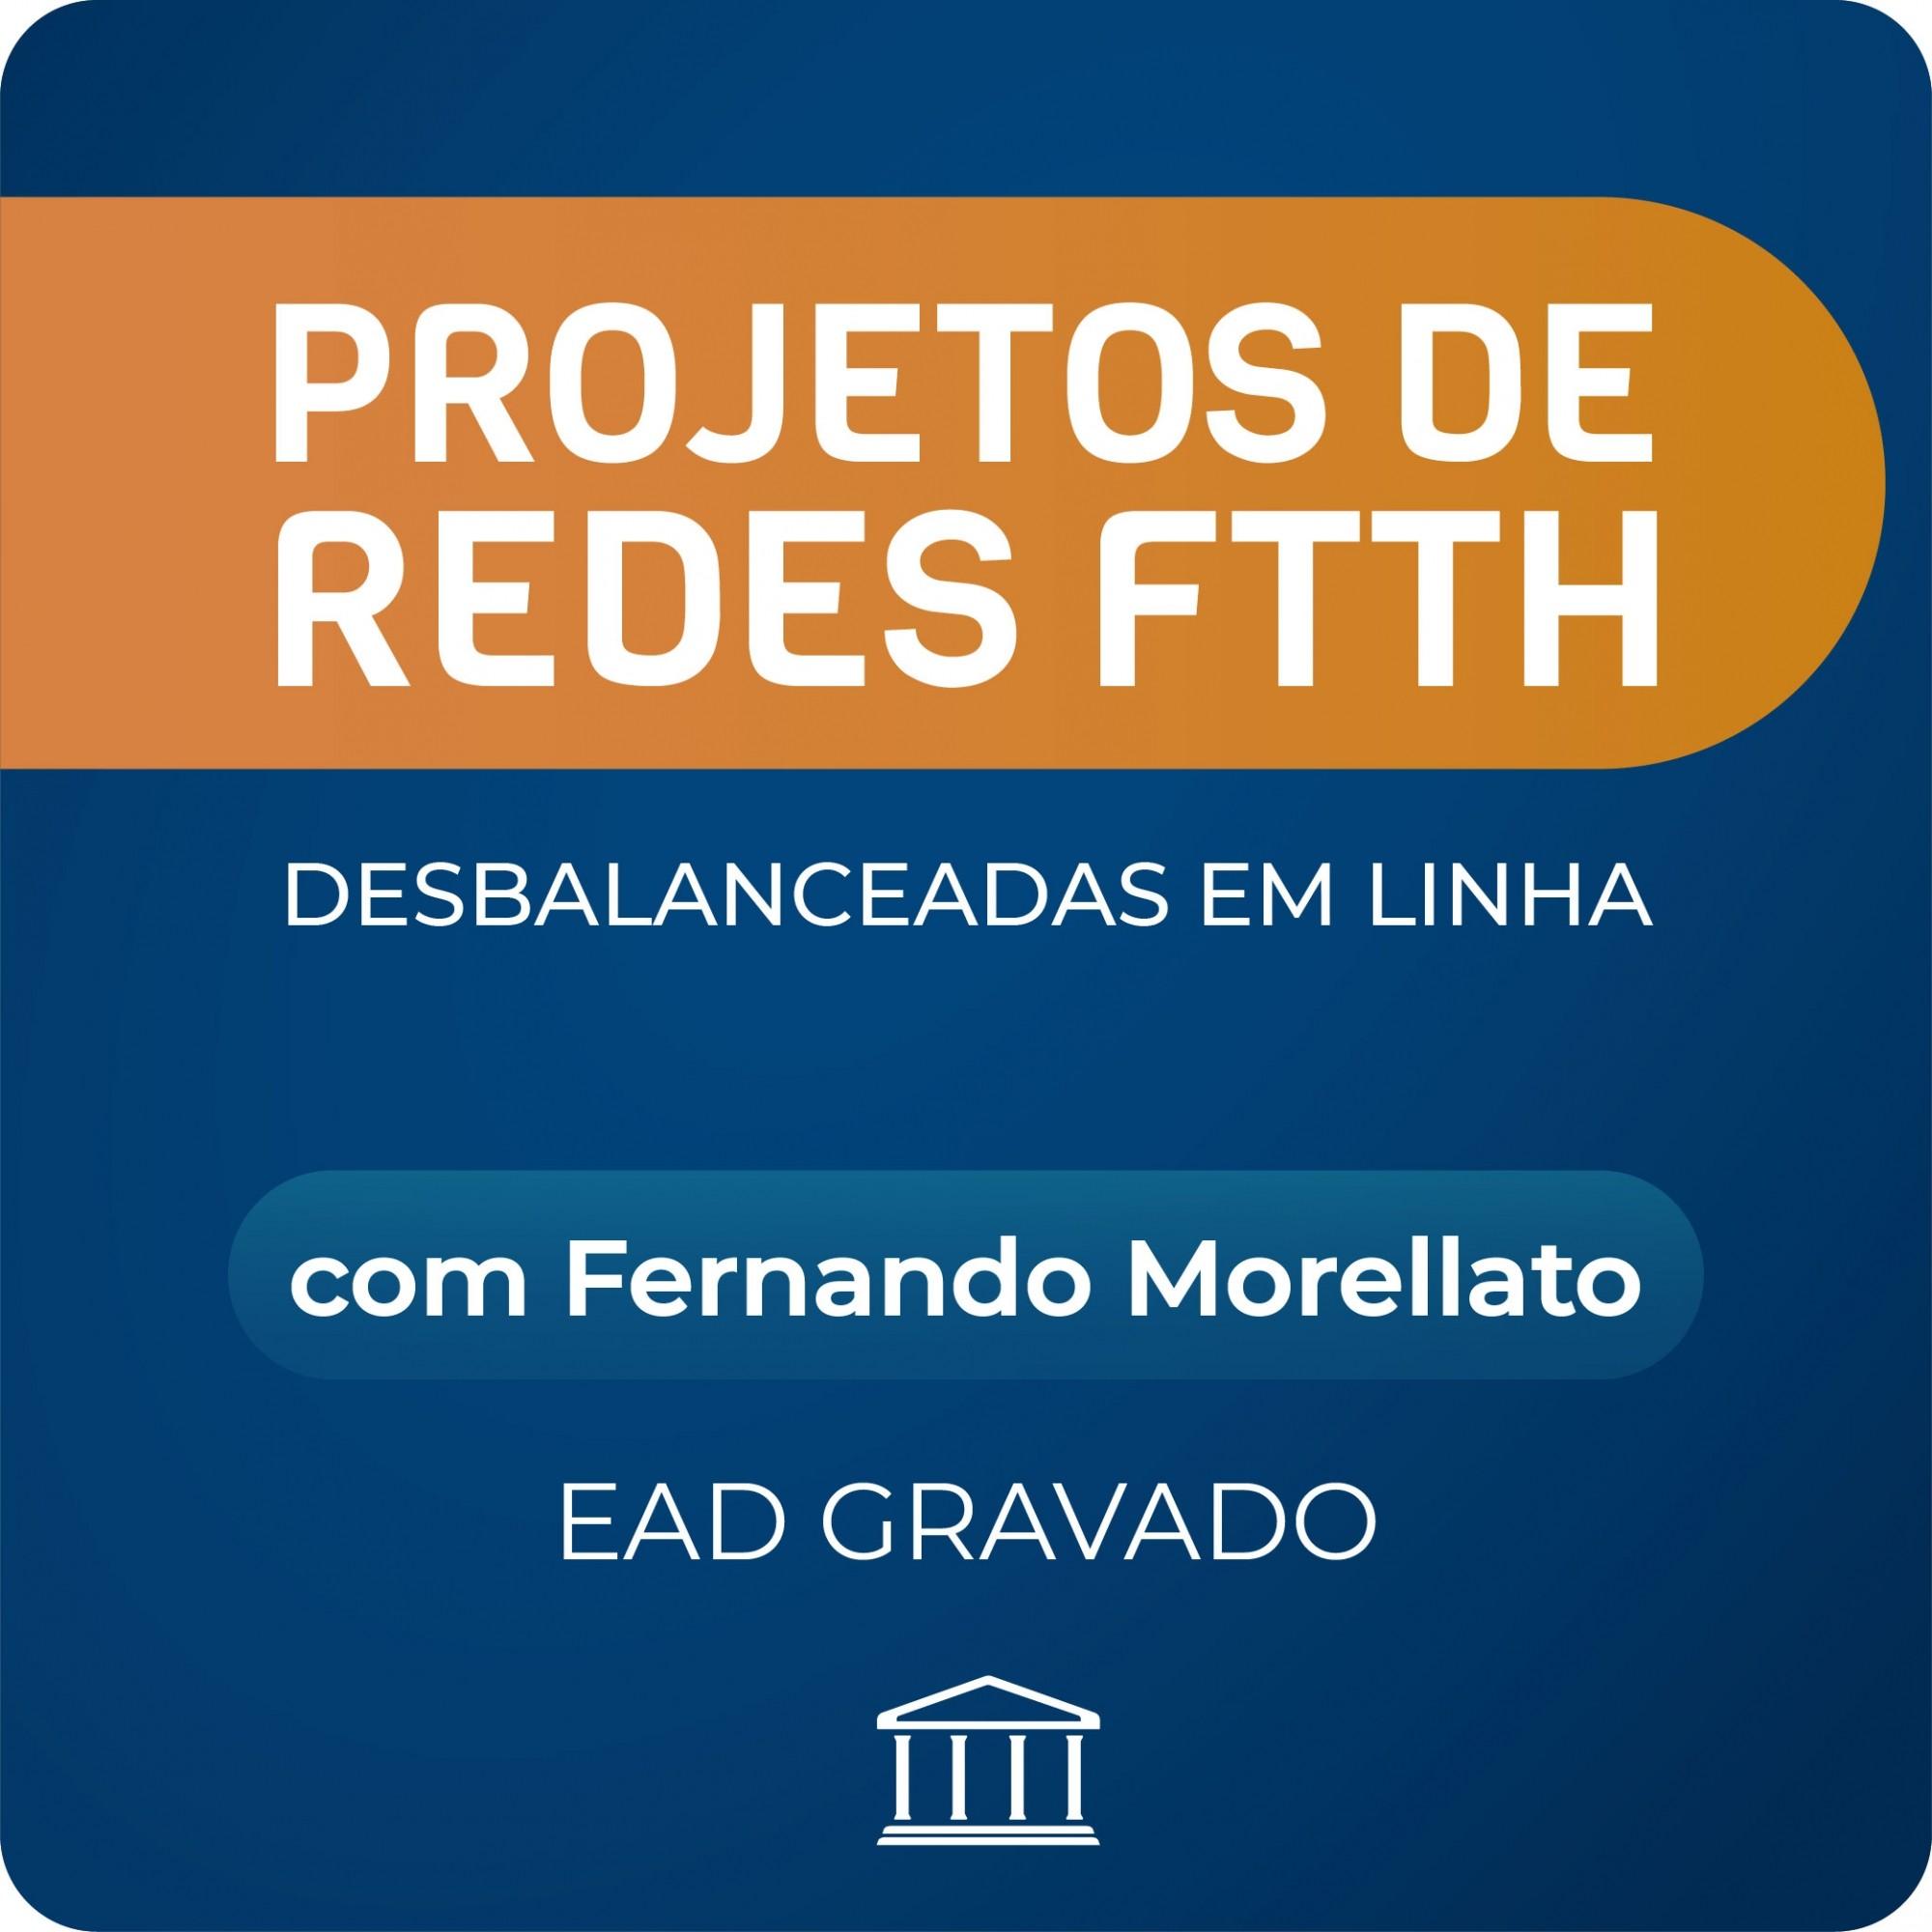 Projetos de Redes FTTH Desbalanceadas com Fernando Morellato - GRAVADO  - Voz e Dados